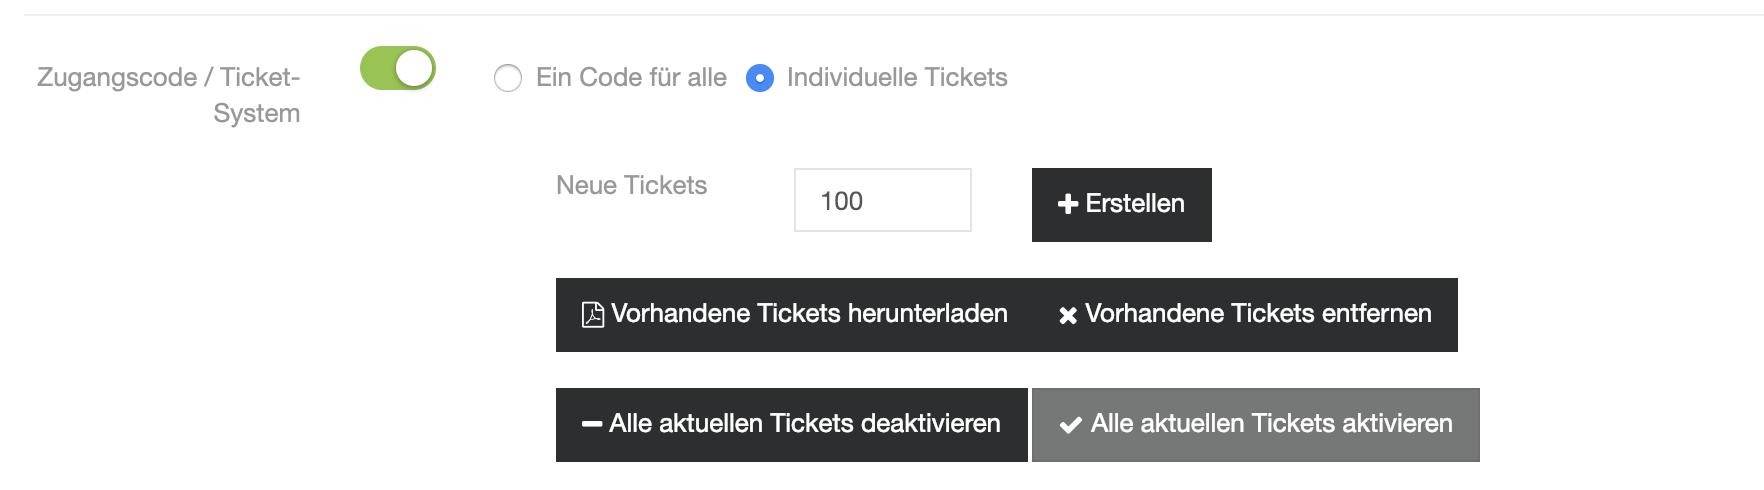 Gäste WLAN: Ticketsystem – Was ist das, und hilft es?